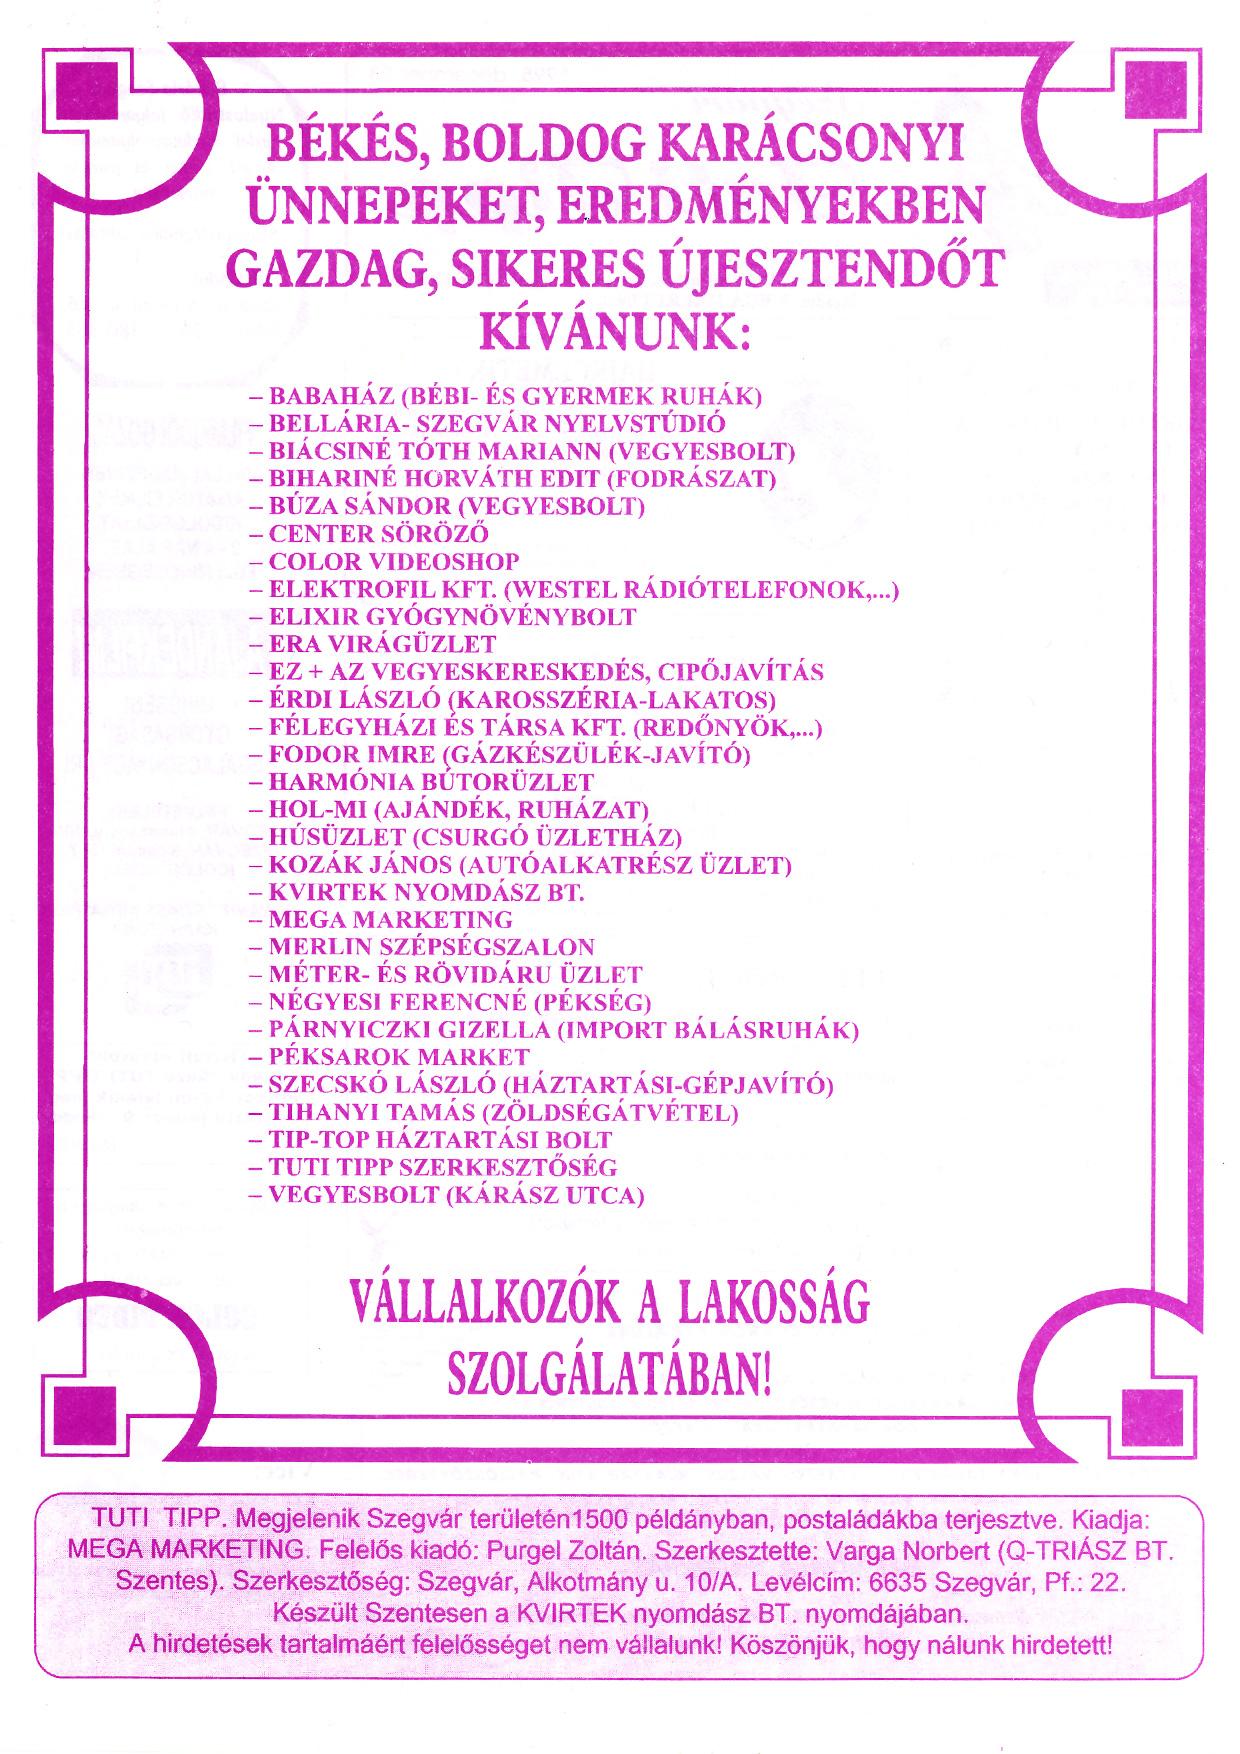 026 Szegvári Tuti Tipp reklámújság - 19951223-012. lapszám -2.oldal - I. évfolyam.jpg